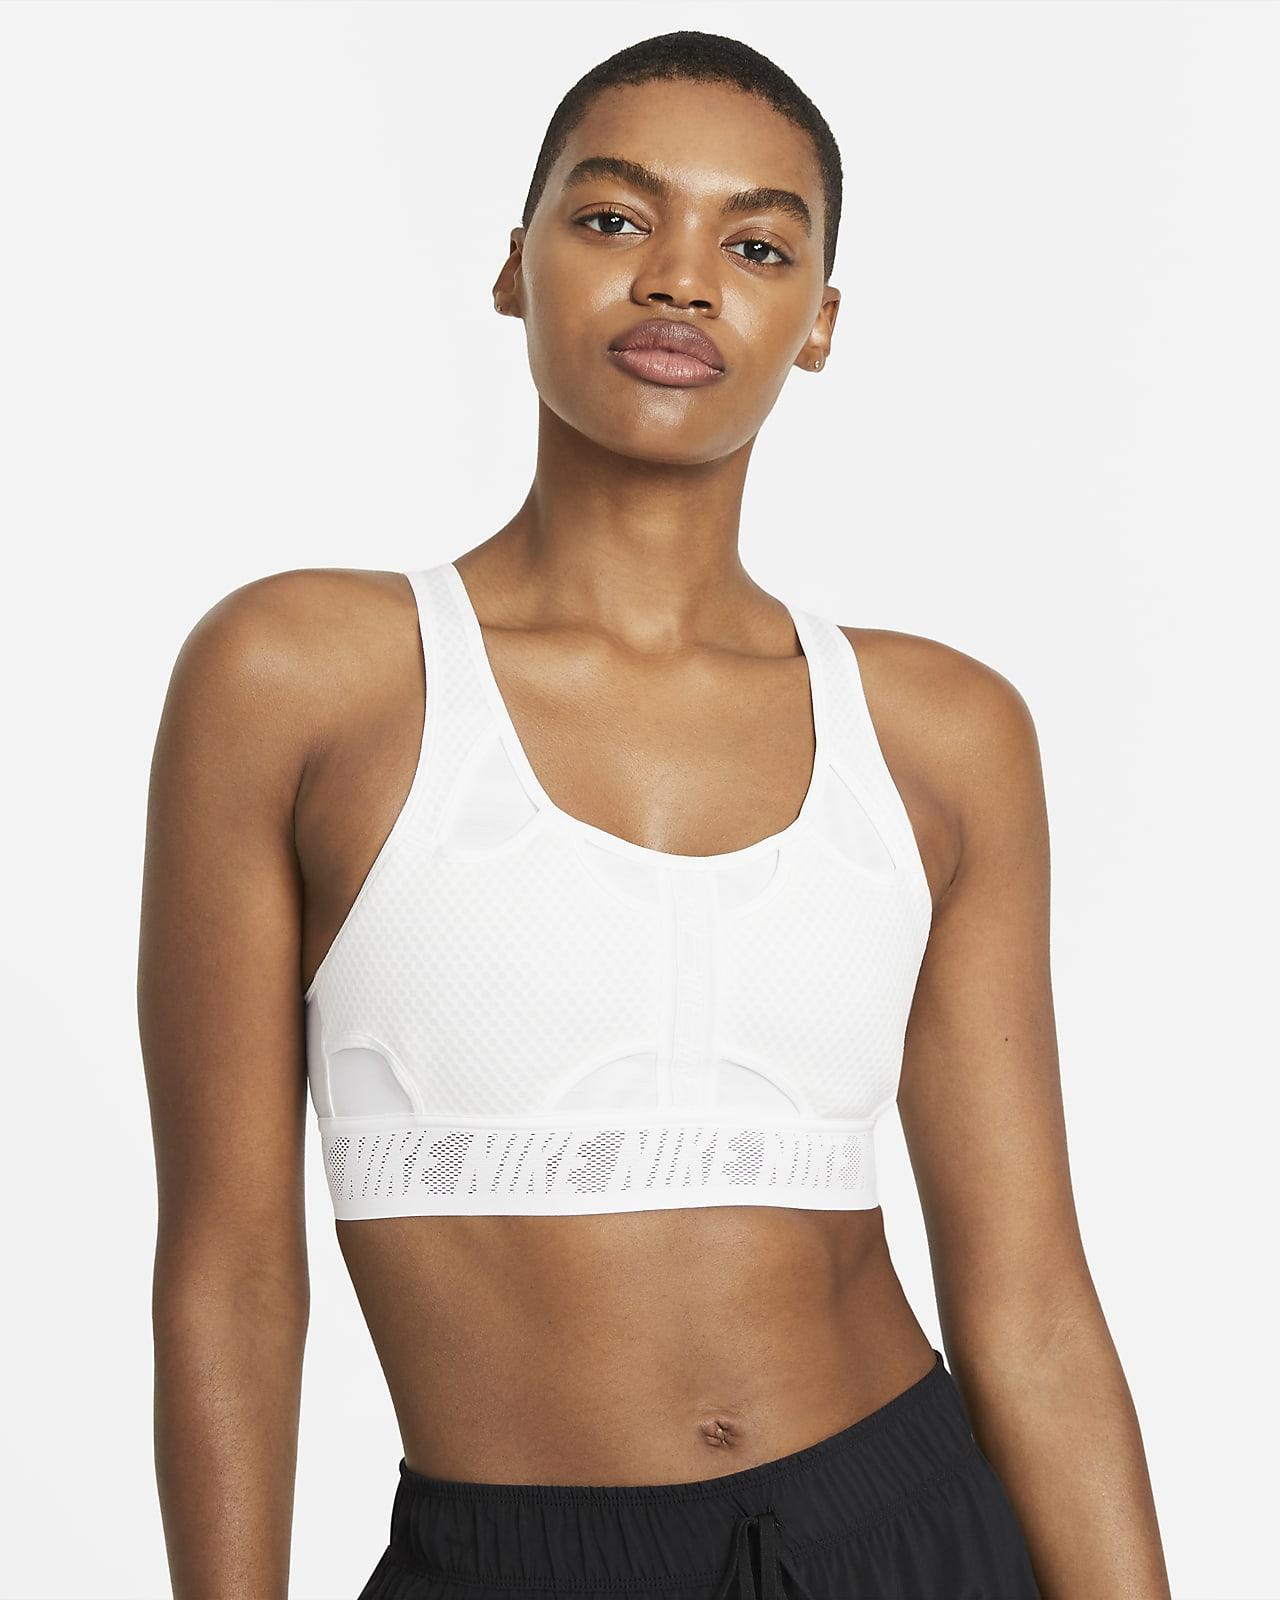 สปอร์ตบราผู้หญิงซัพพอร์ตระดับกลางเสริมฟองน้ำ Nike Swoosh UltraBreathe